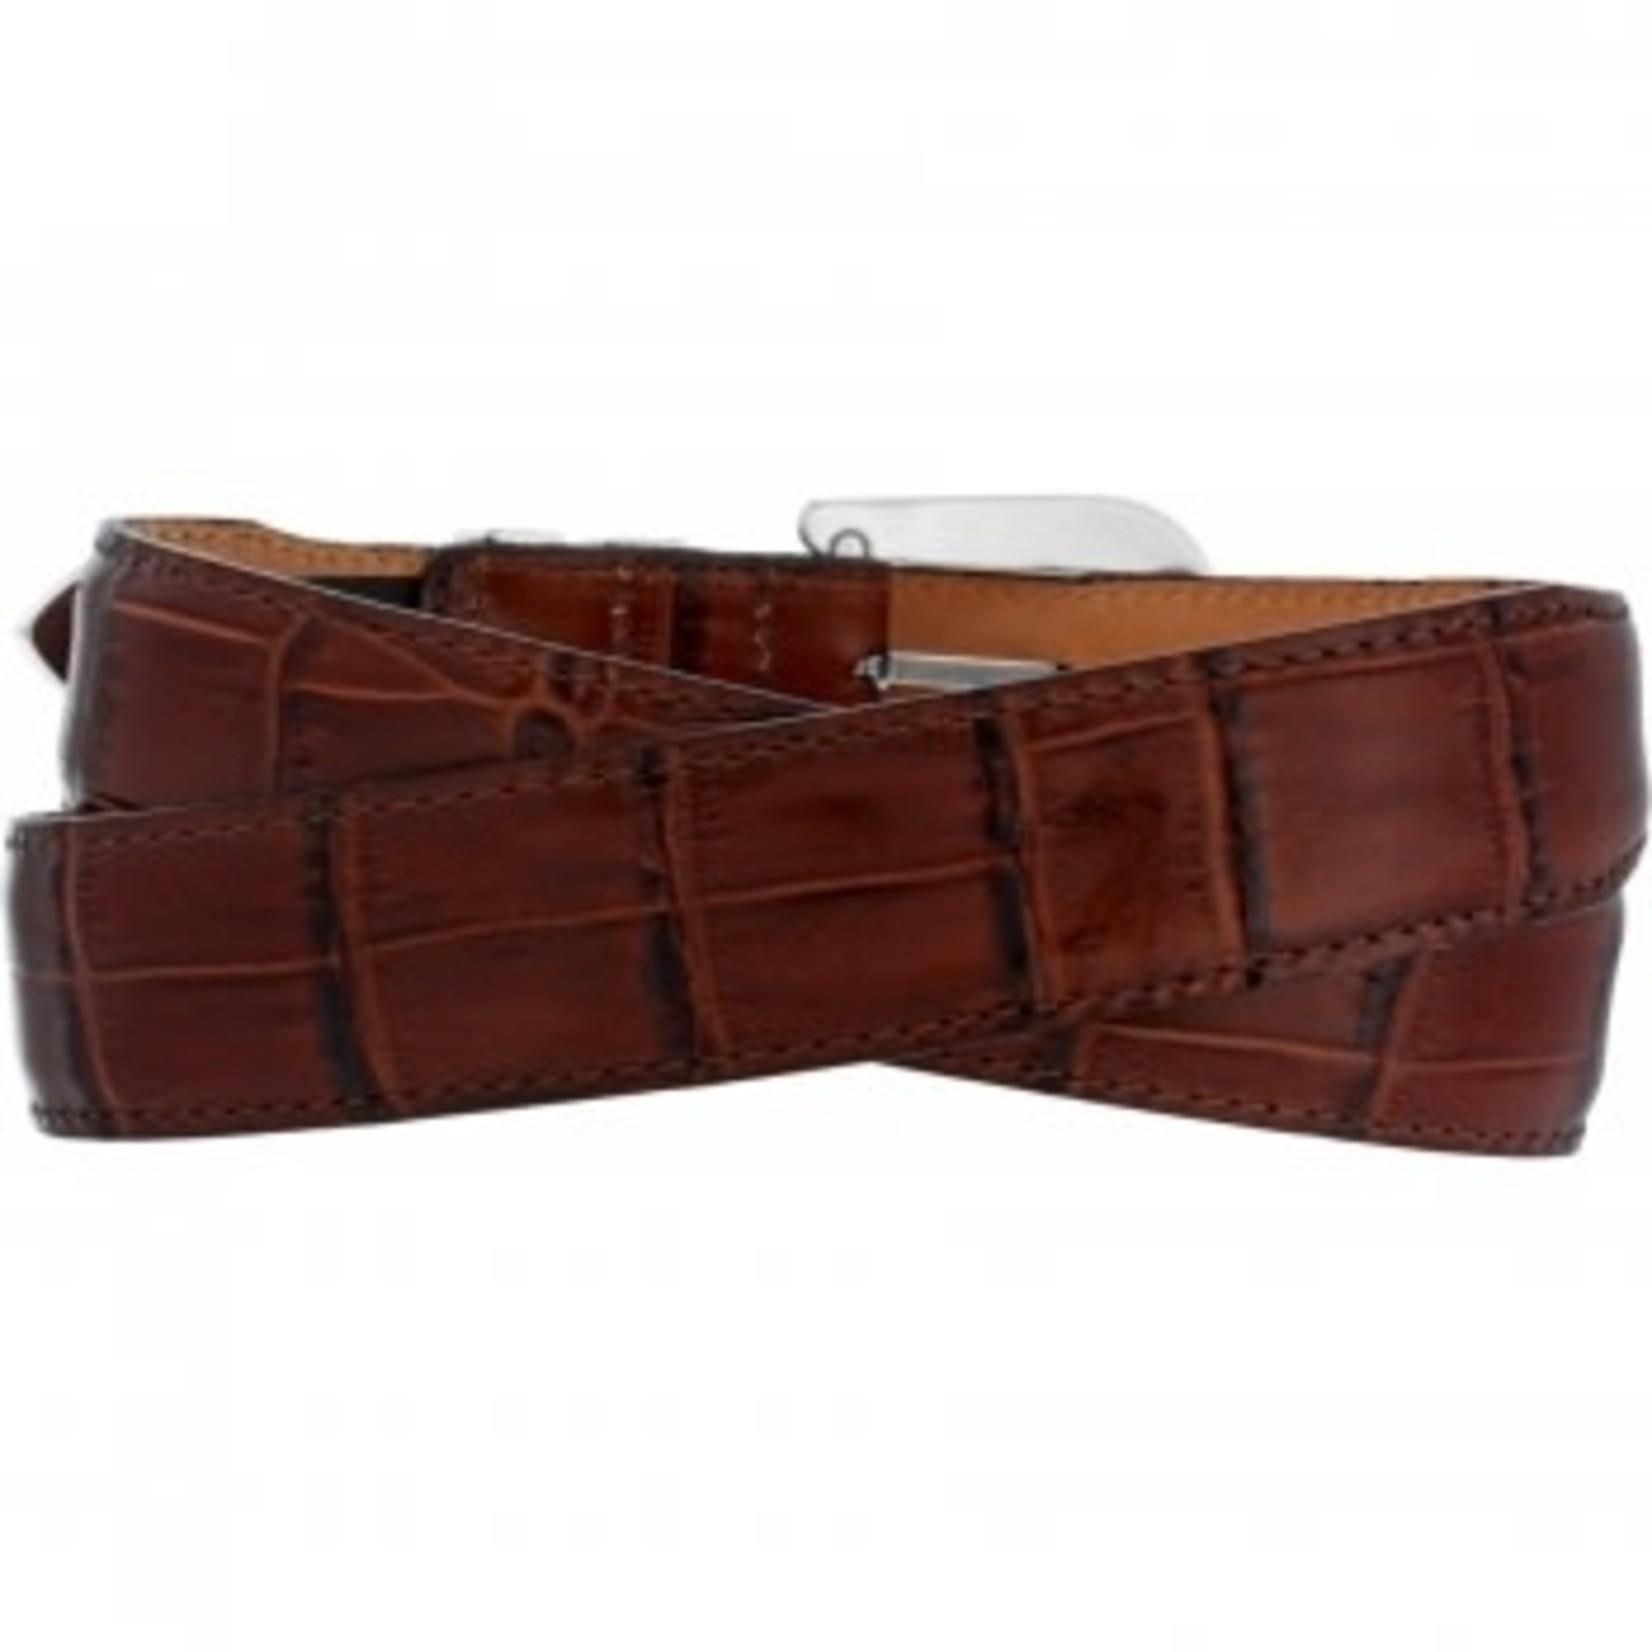 Brighton Catera Taper Crocodile Belt in Peanut Size 36